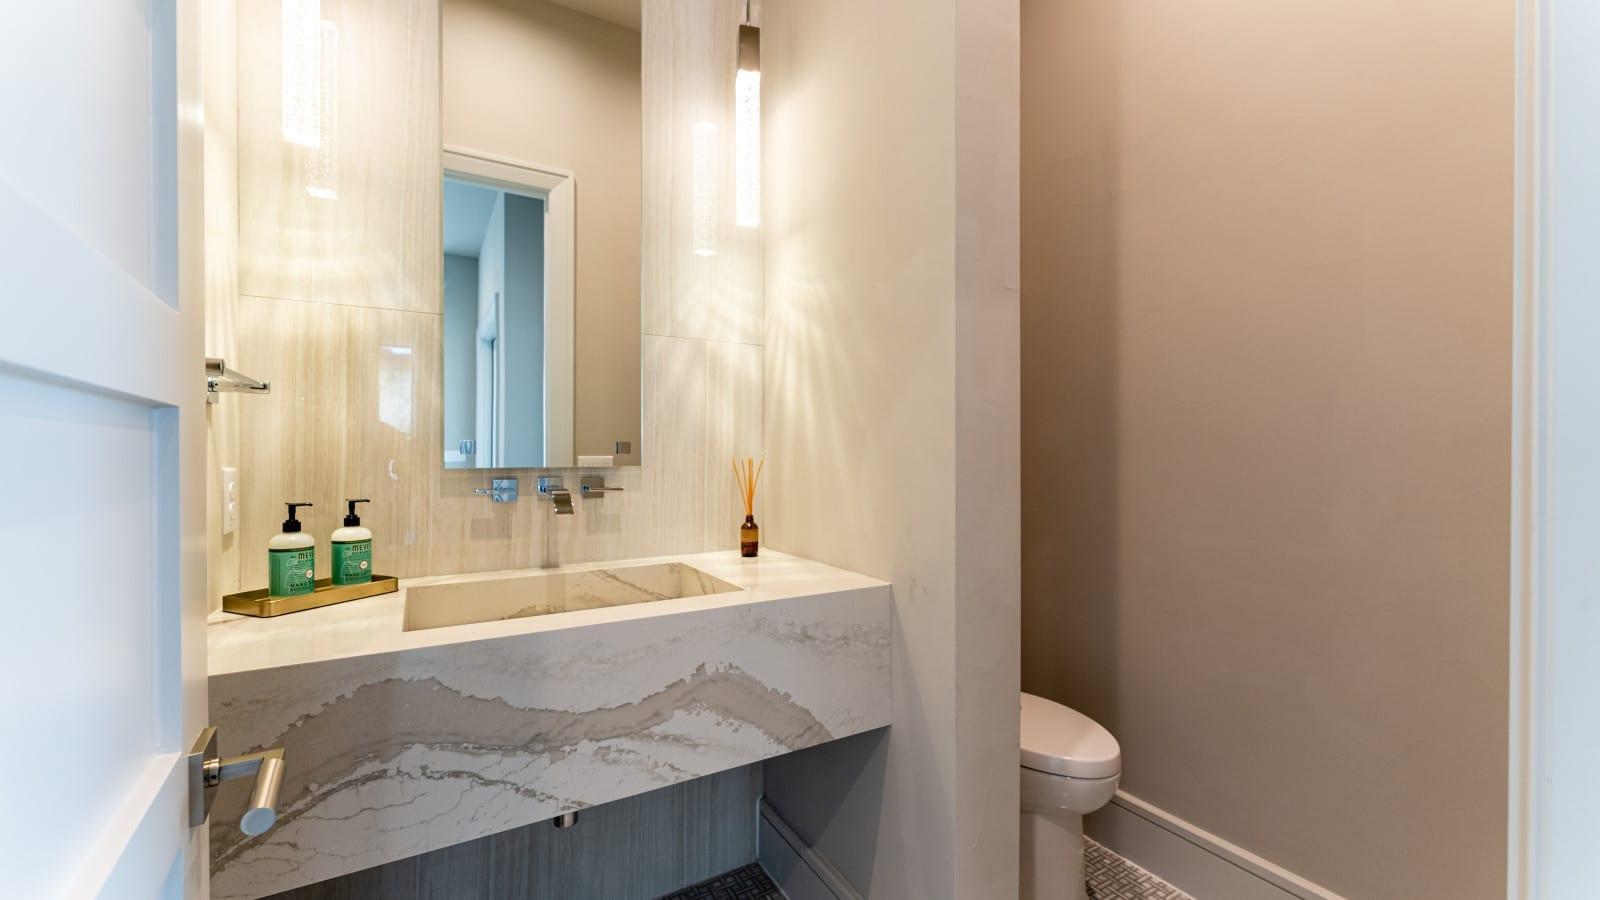 modern home design 26 - Millennial Design + Build